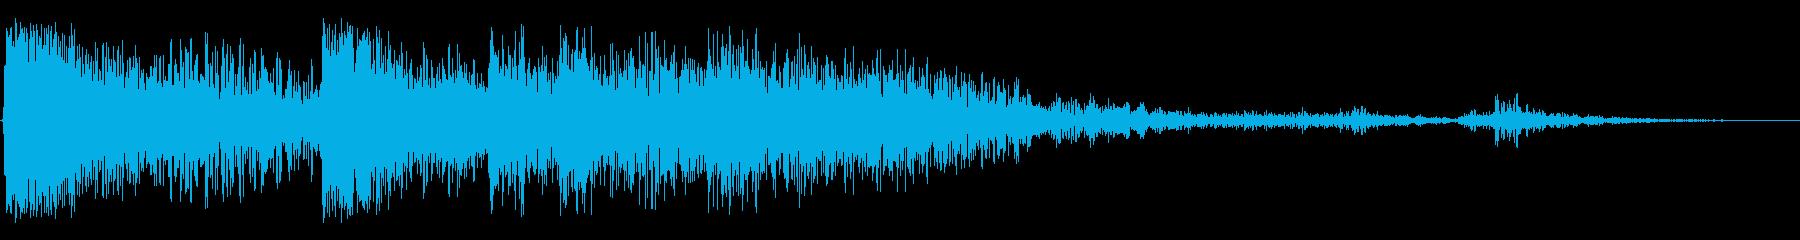 ヘビーメタルバウンス、残響金属の影響の再生済みの波形